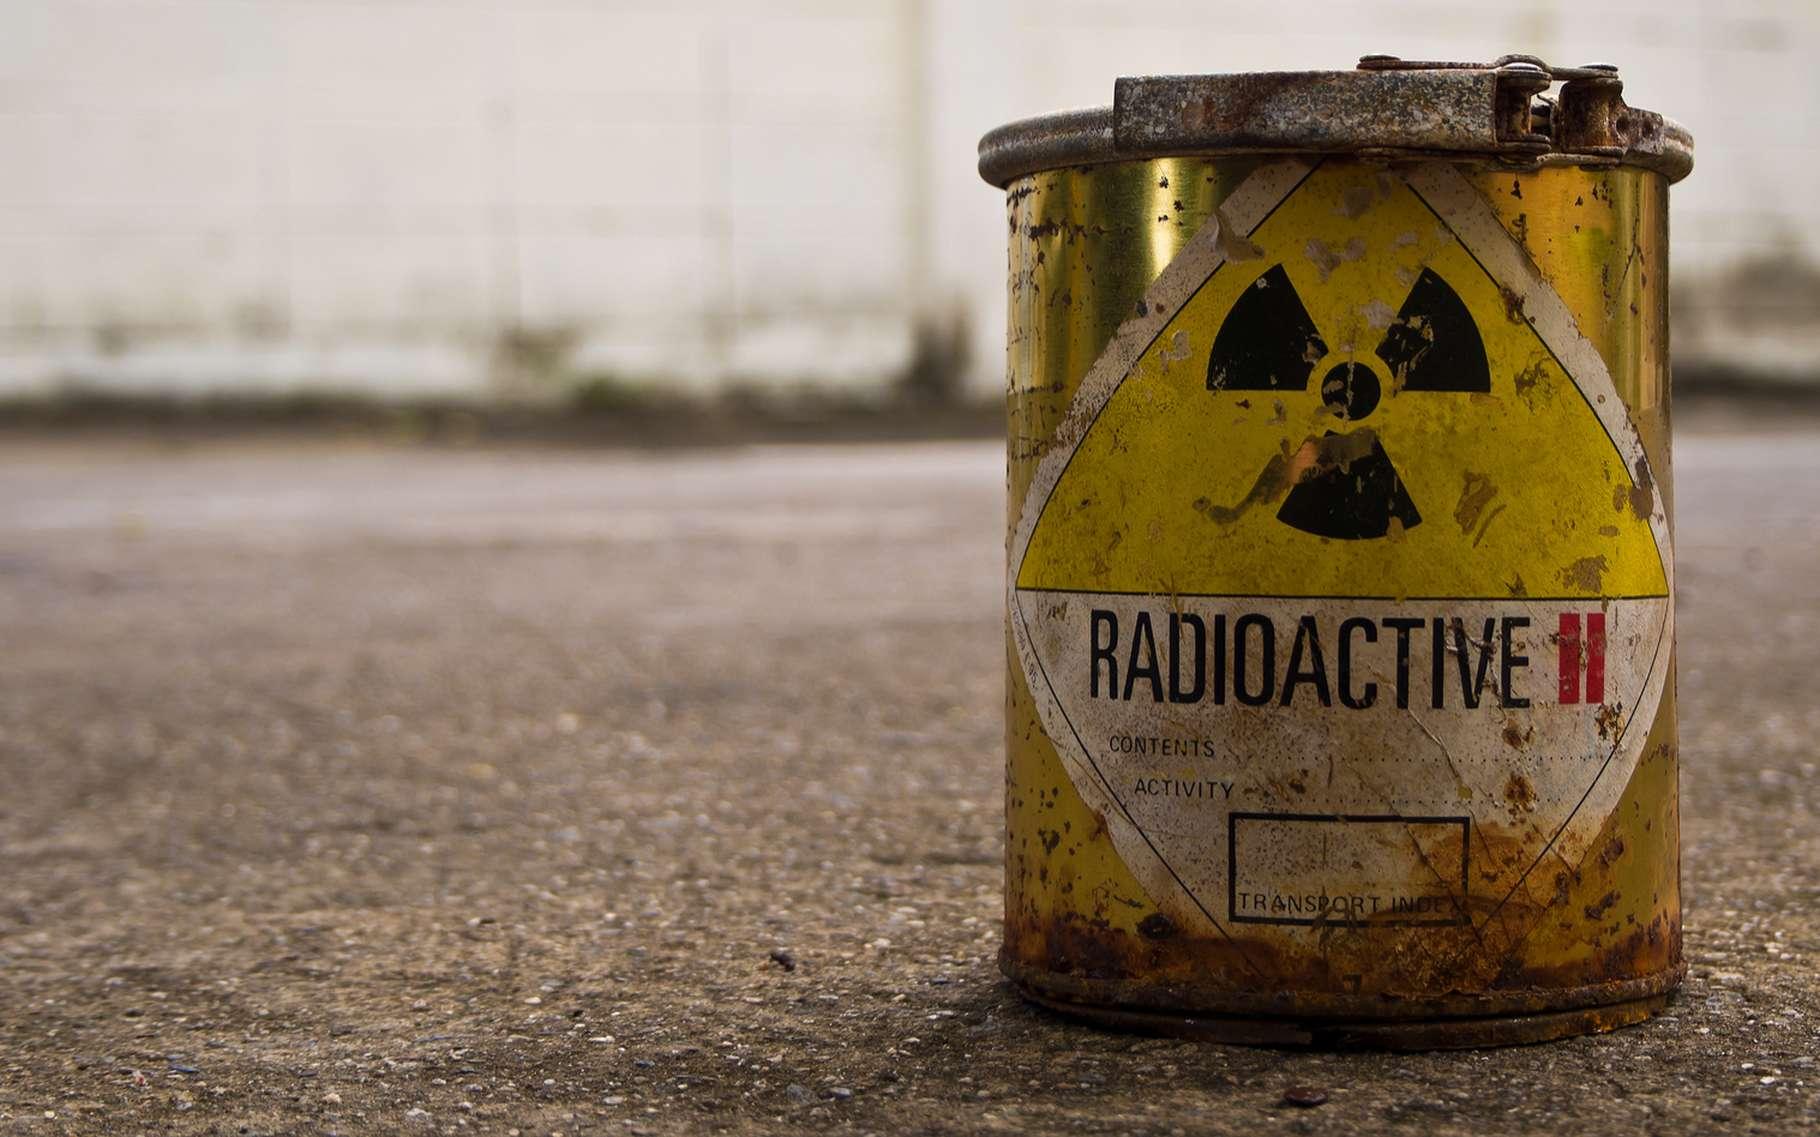 Le phénomène de radioactivité a été découvert en 1896 par Henri Becquerel. © Satakorn, Shutterstock